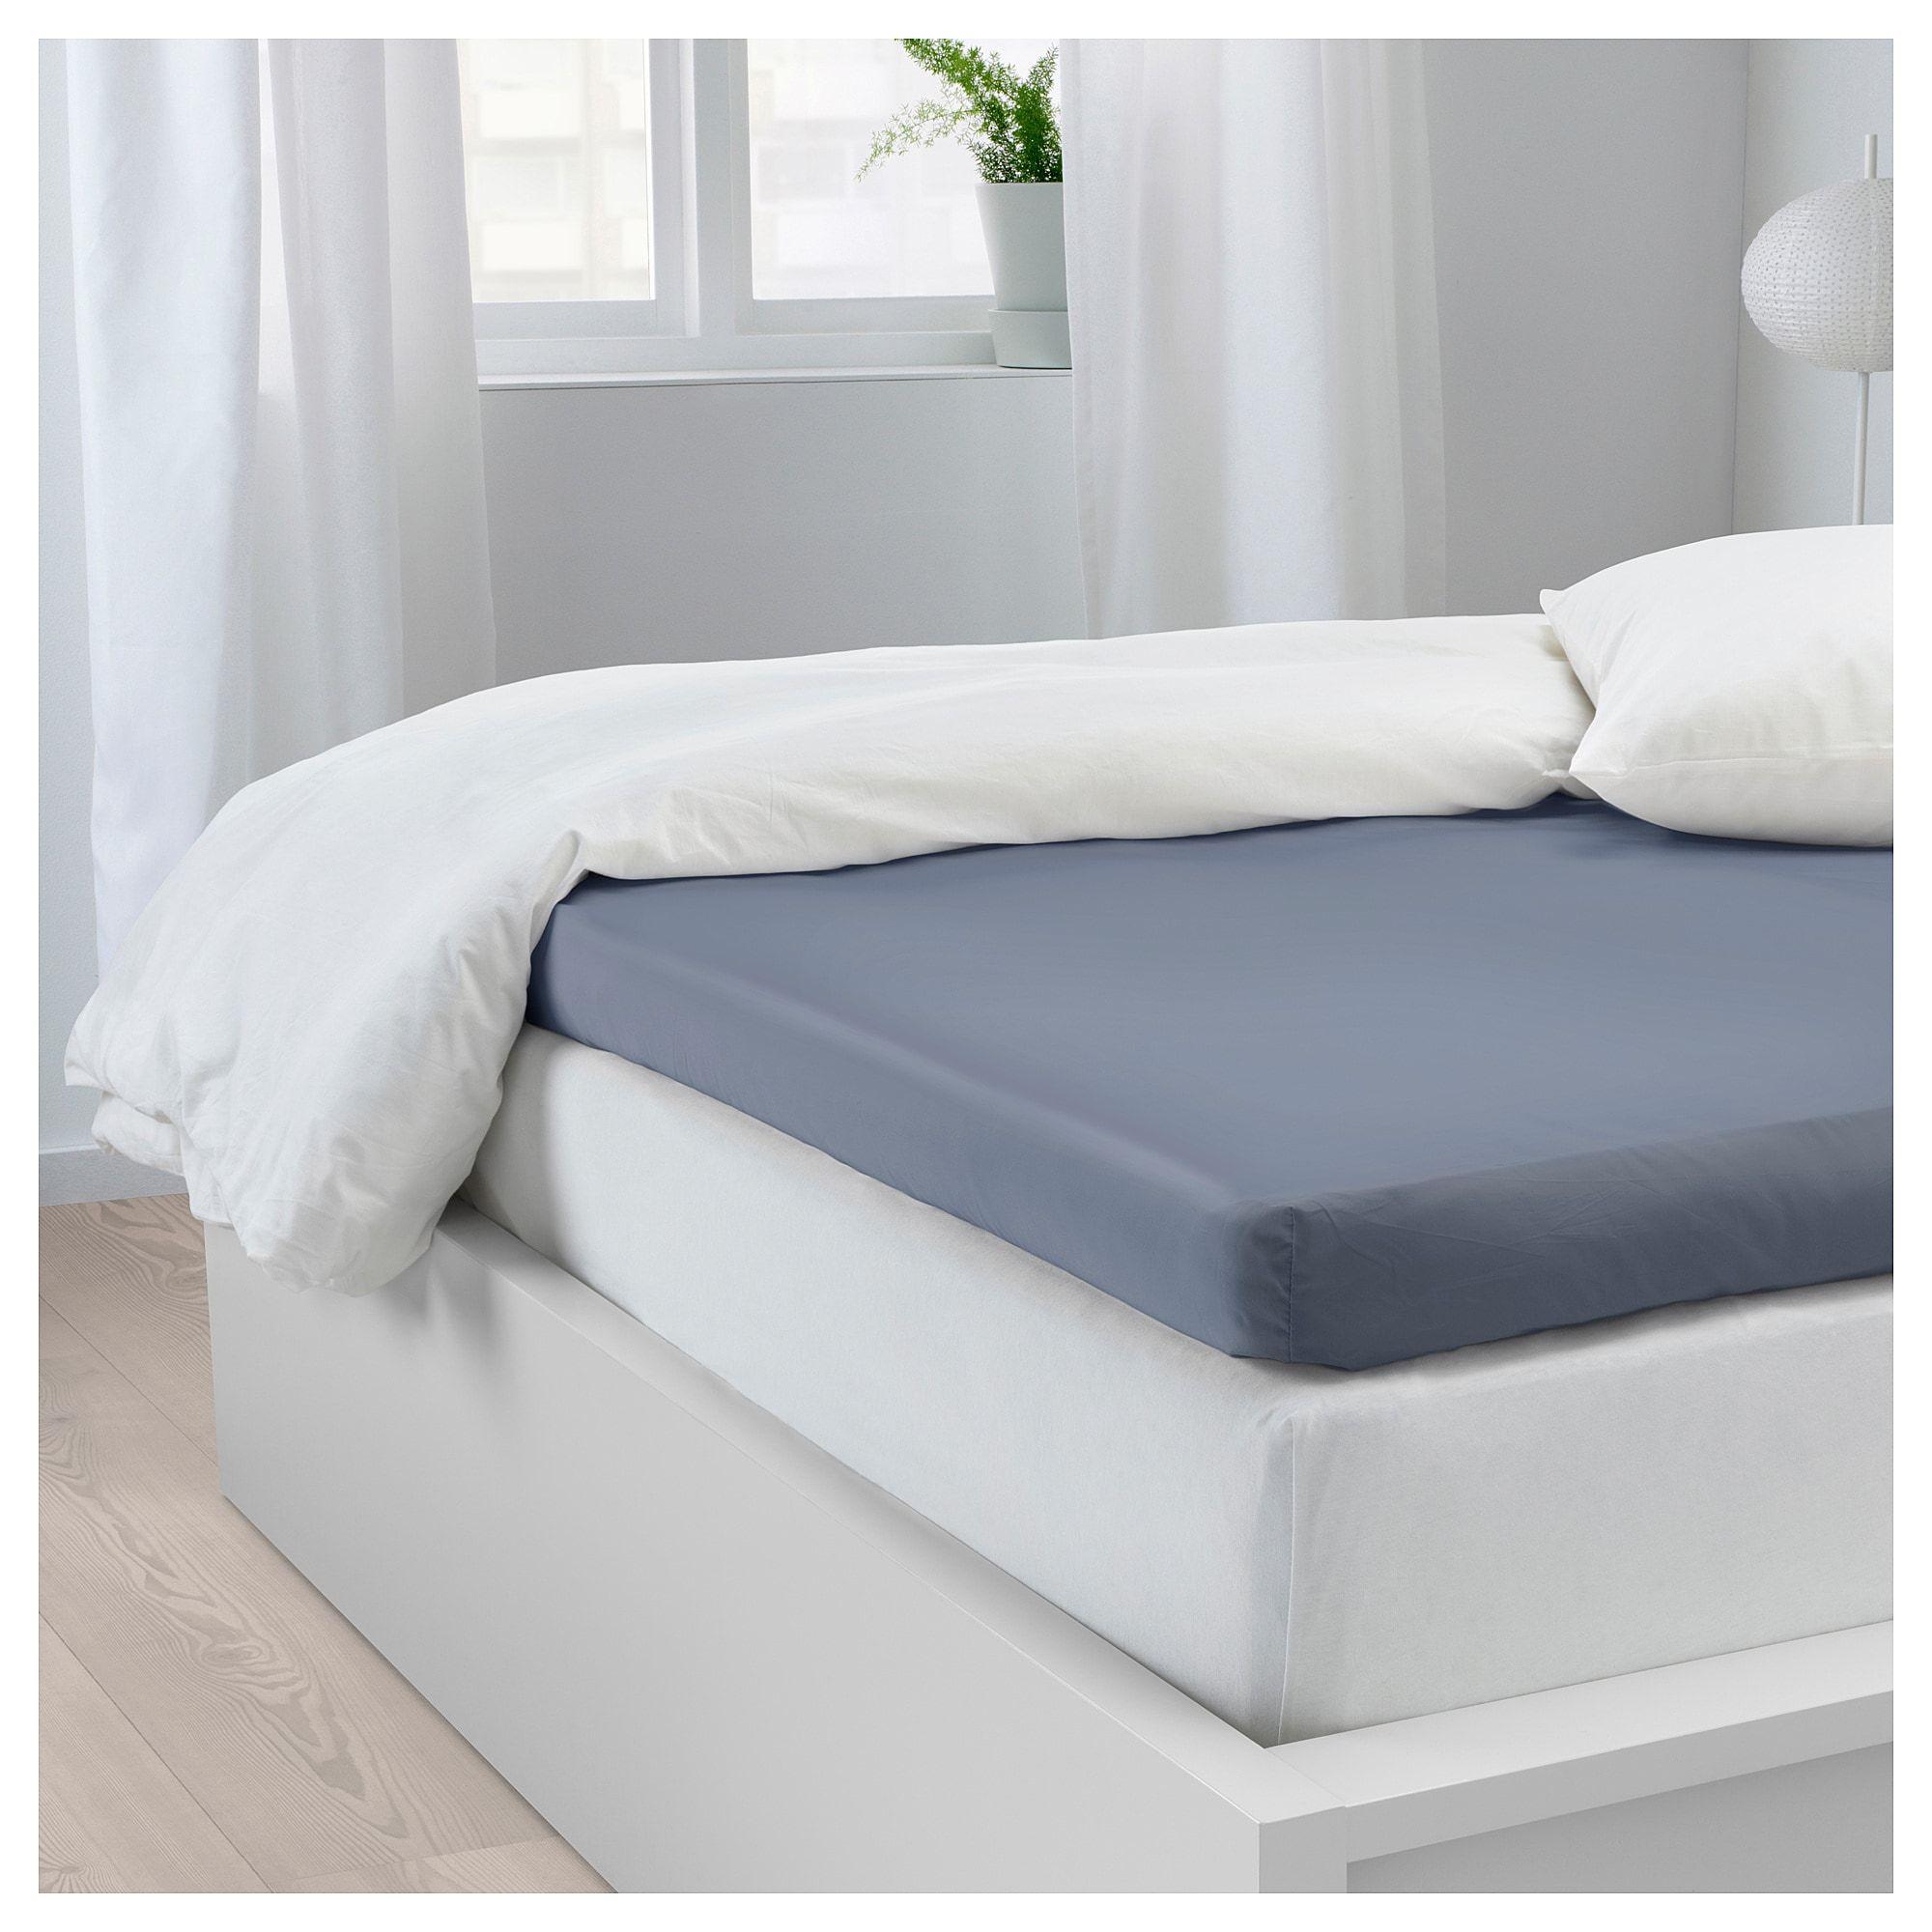 Somntuta Spannbettlaken F Matratzenauflage Blaugrau Products In